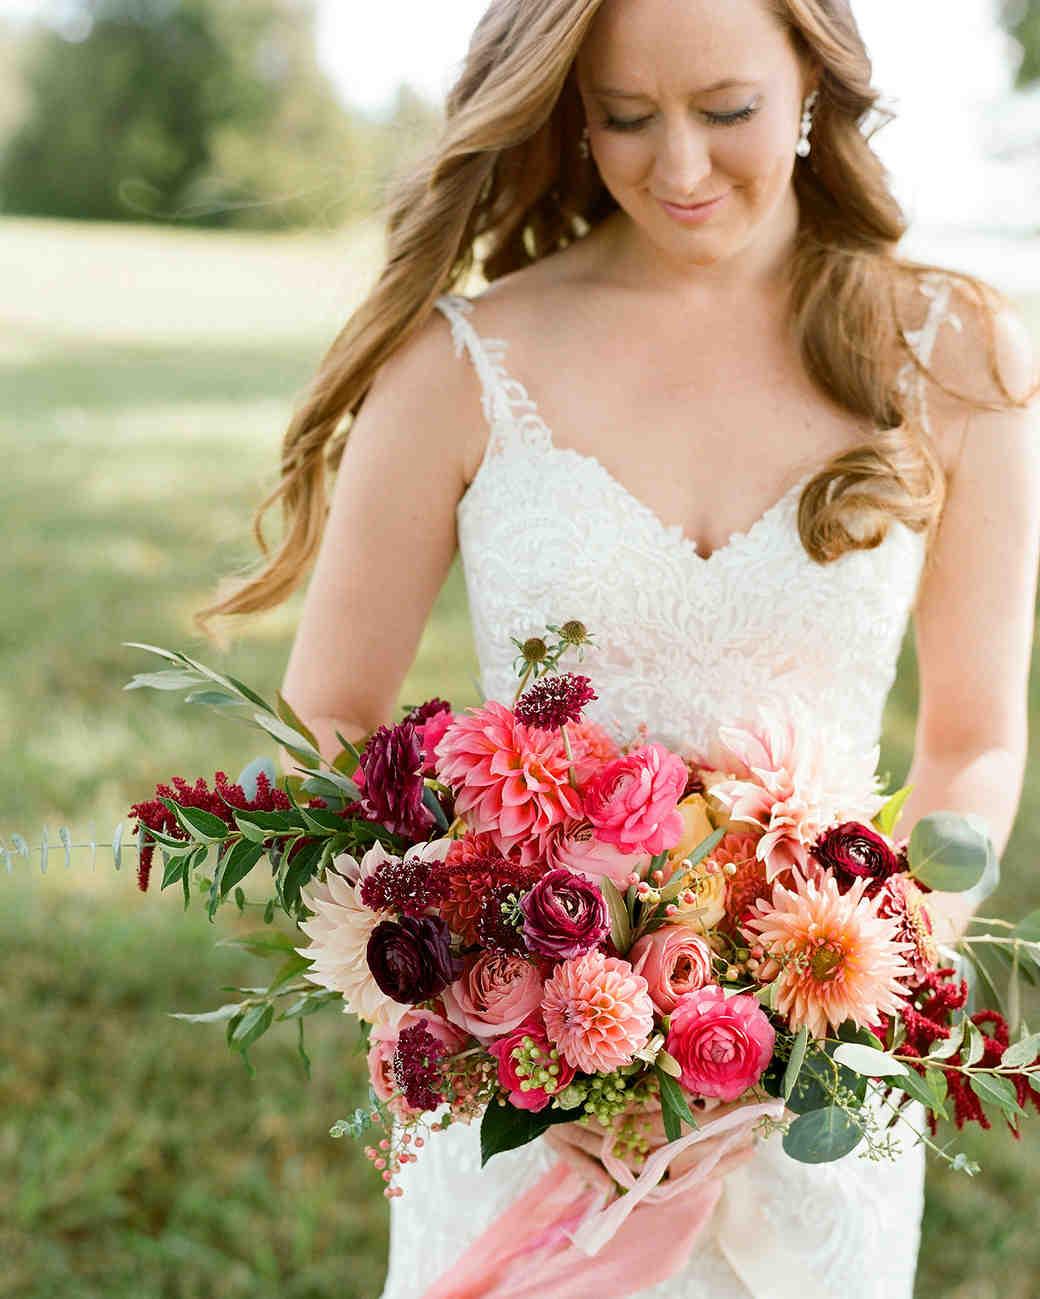 jen geoff wedding bridal bouquet